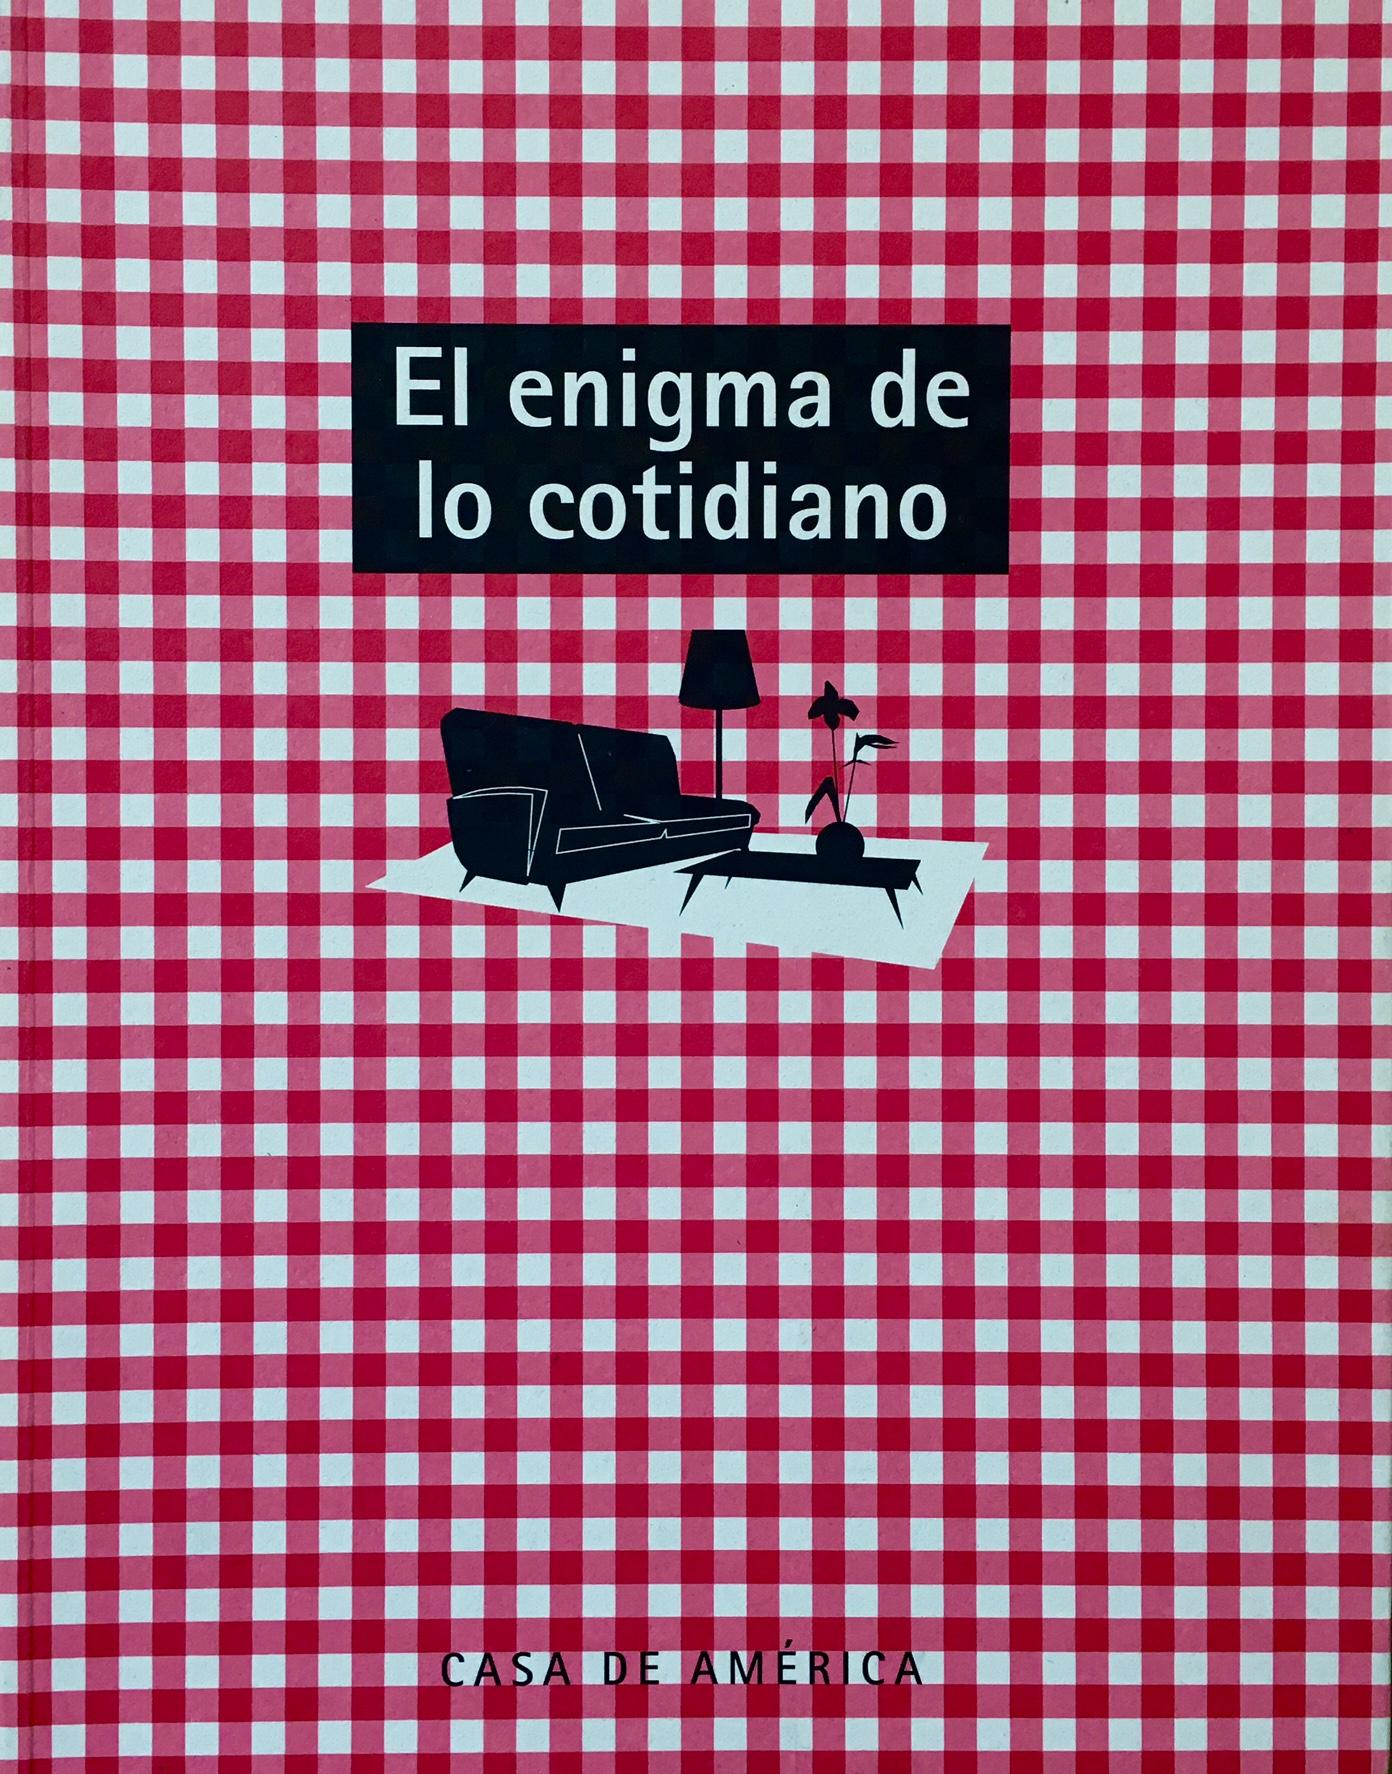 El enigma de lo cotidiano  Casa de América ISBN: 84-88490-27-5